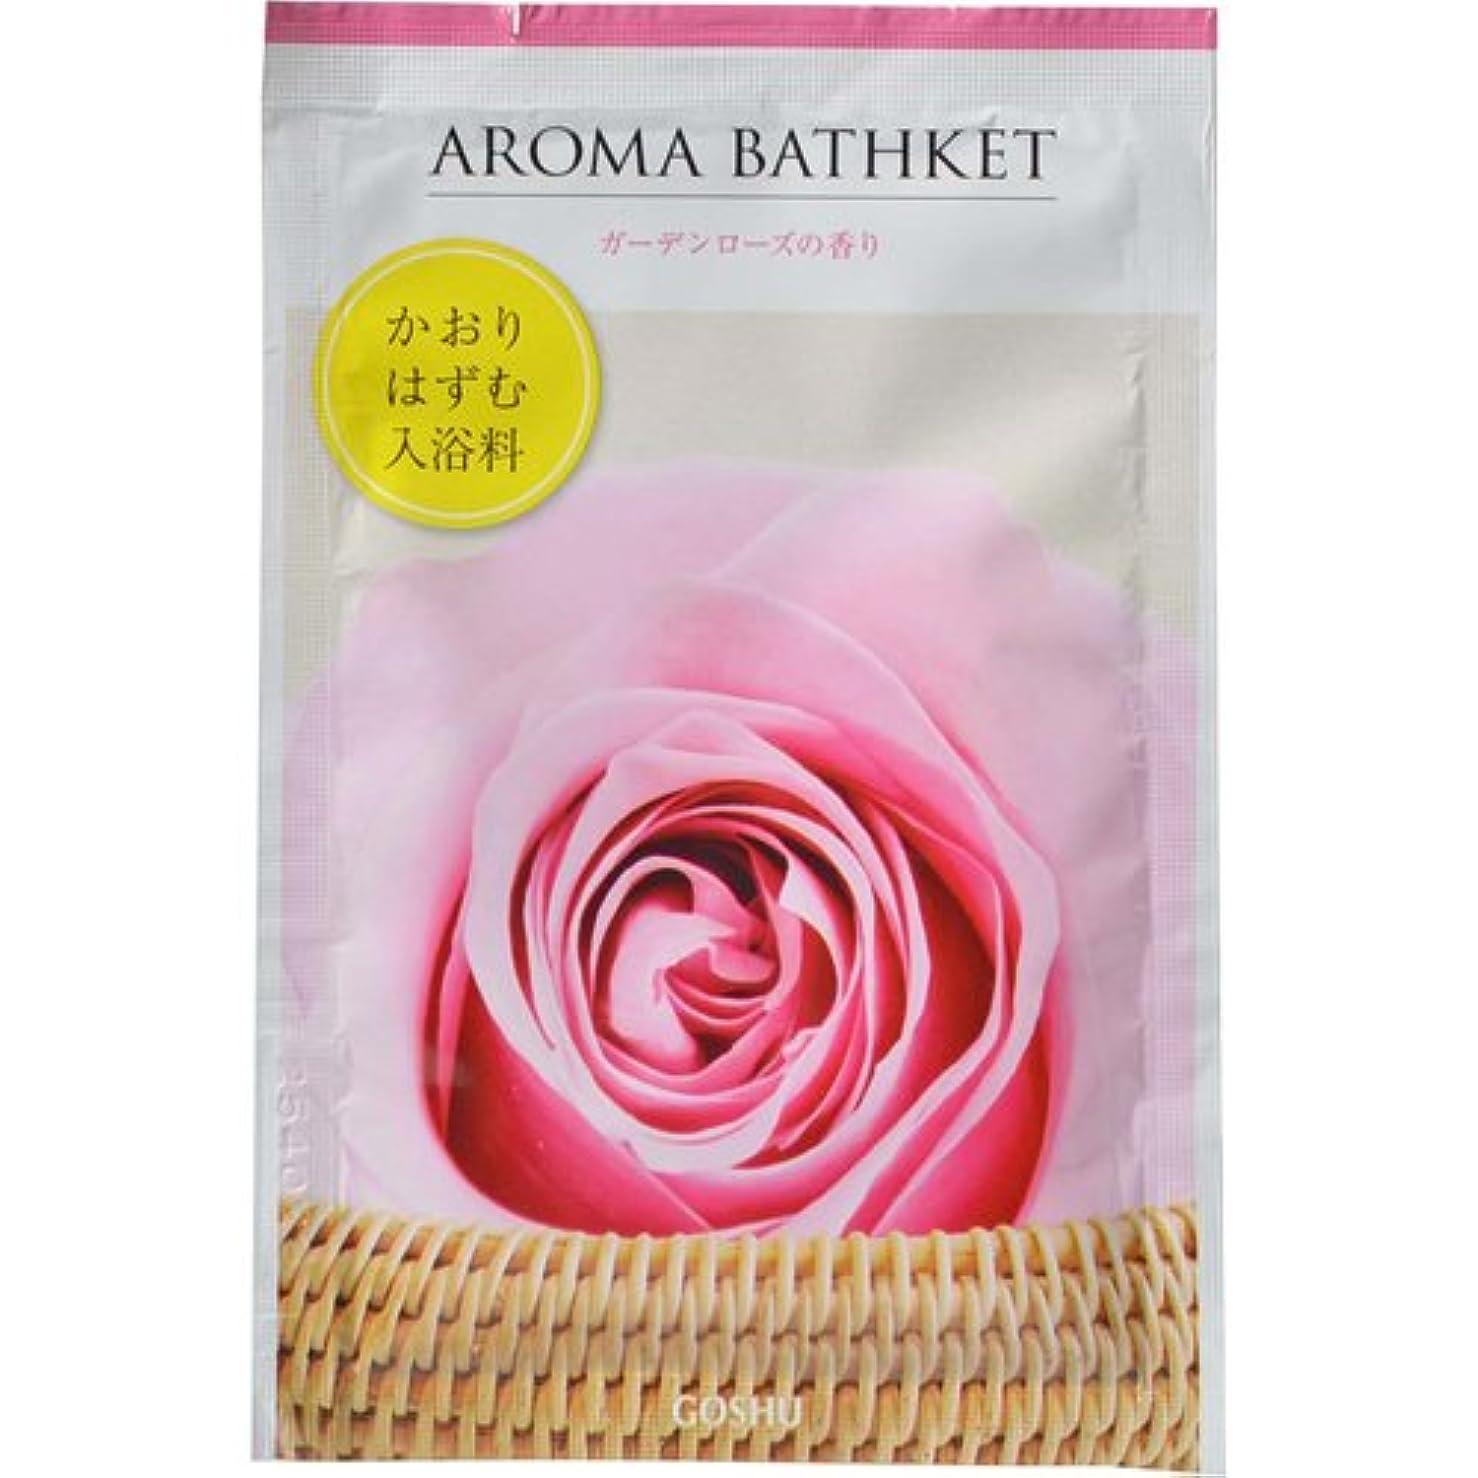 文化パステル変なアロマバスケット ガーデンローズの香り 25g